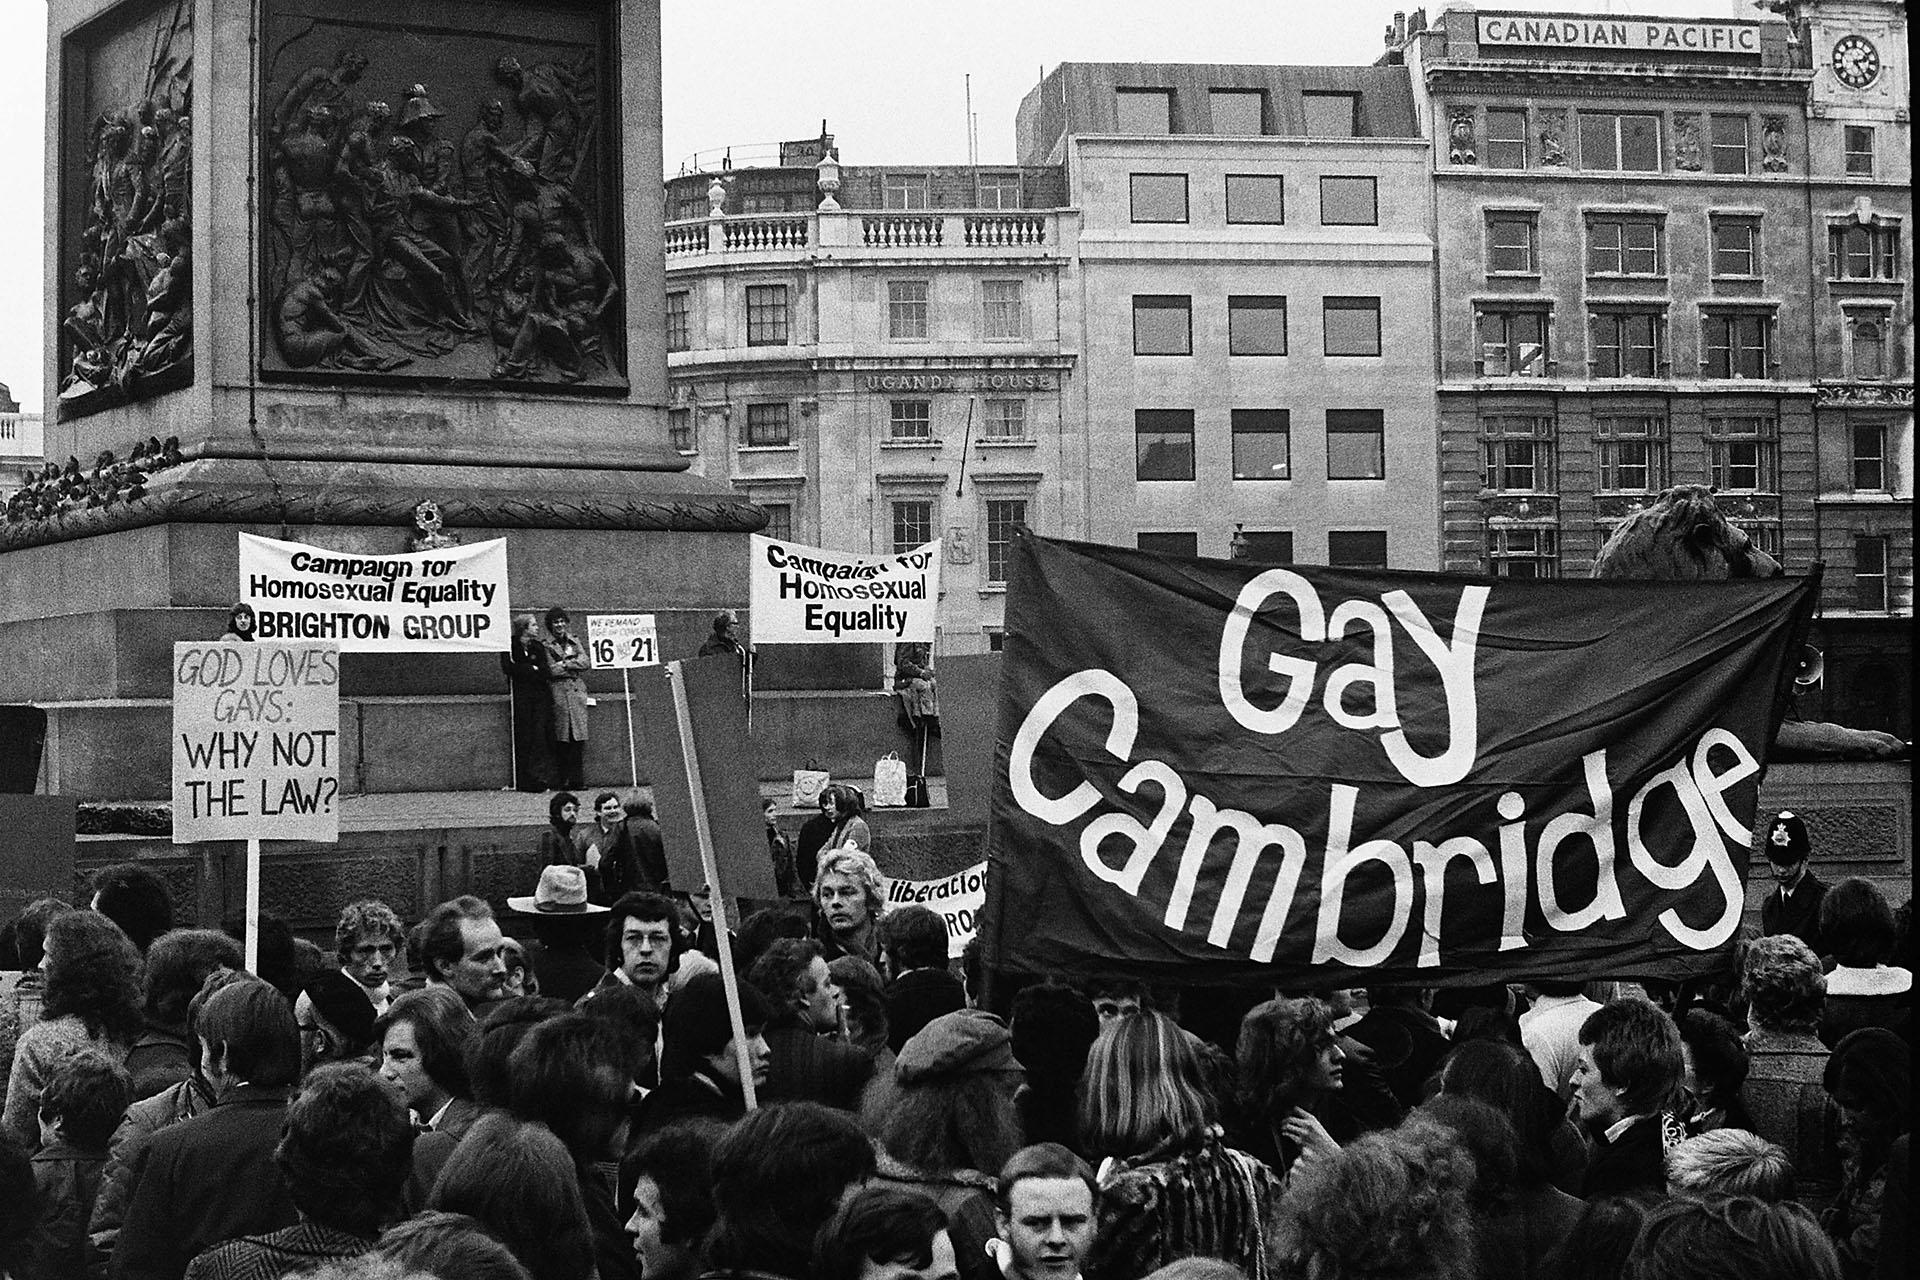 En Londres, Inglaterra, se estima que entre 500 y 1000 manifestantes se congregaron el 28 de agosto de 1971 en la simbólica Trafalgar Square